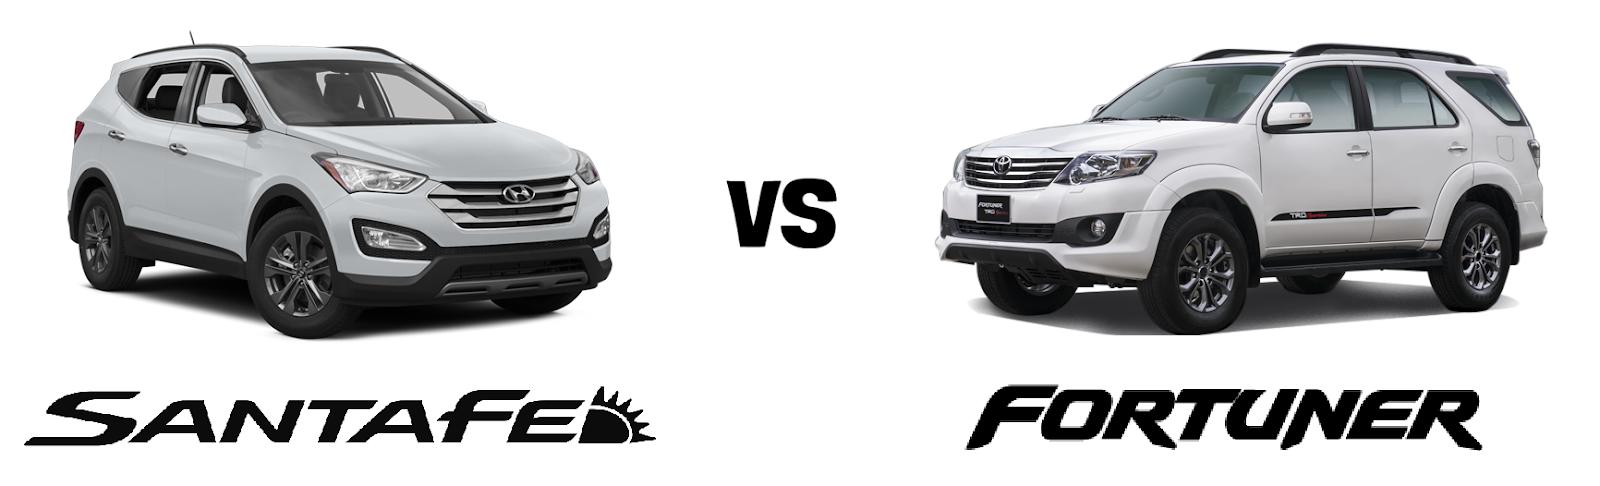 So sánh Hyundai Santafe và Toyota Fortuner